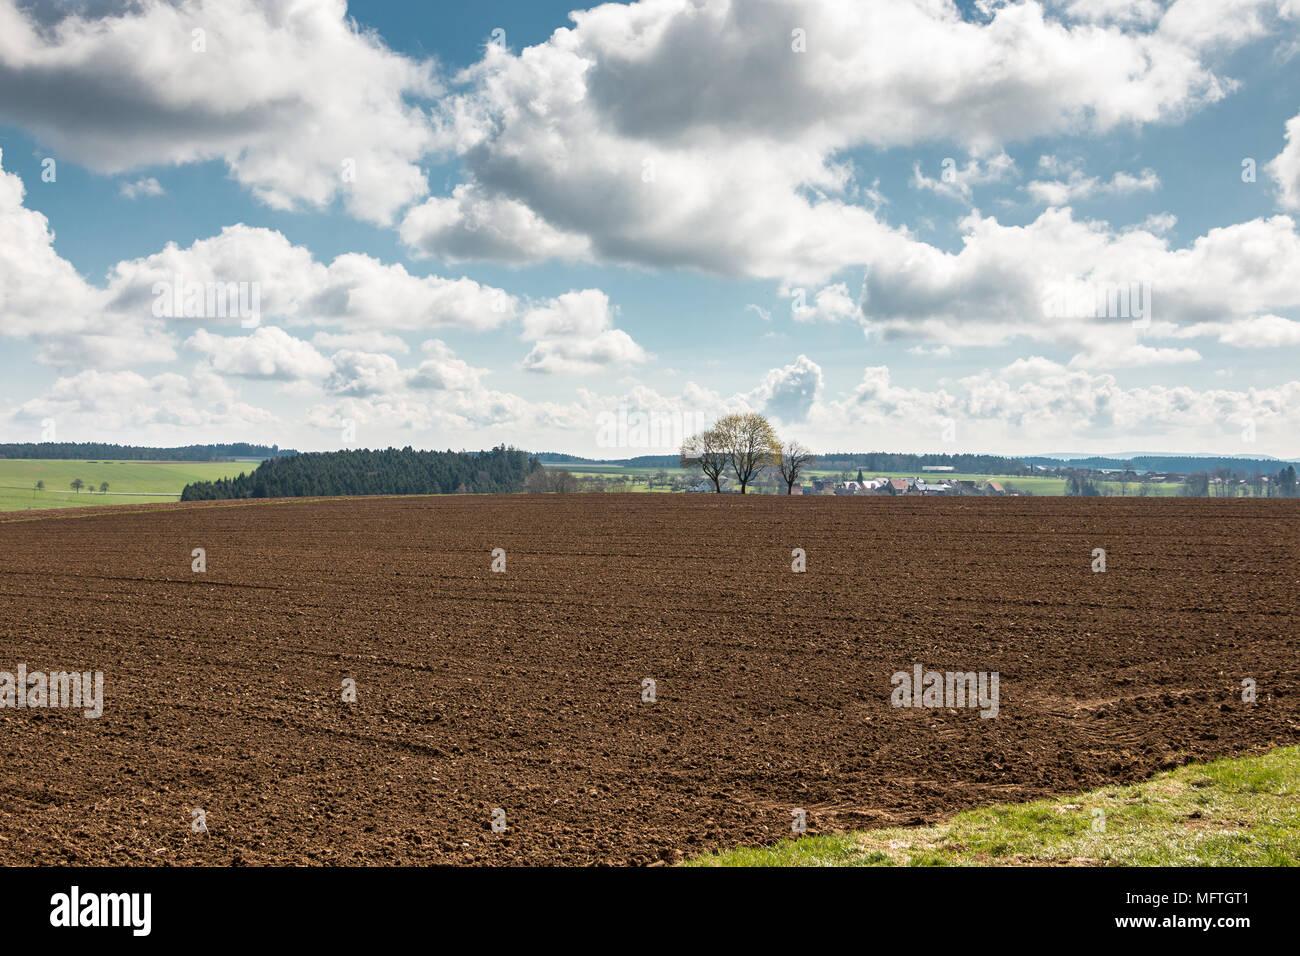 Große braune Felder von fruchtbarem Boden und grüne Wälder im Hintergrund Stockbild